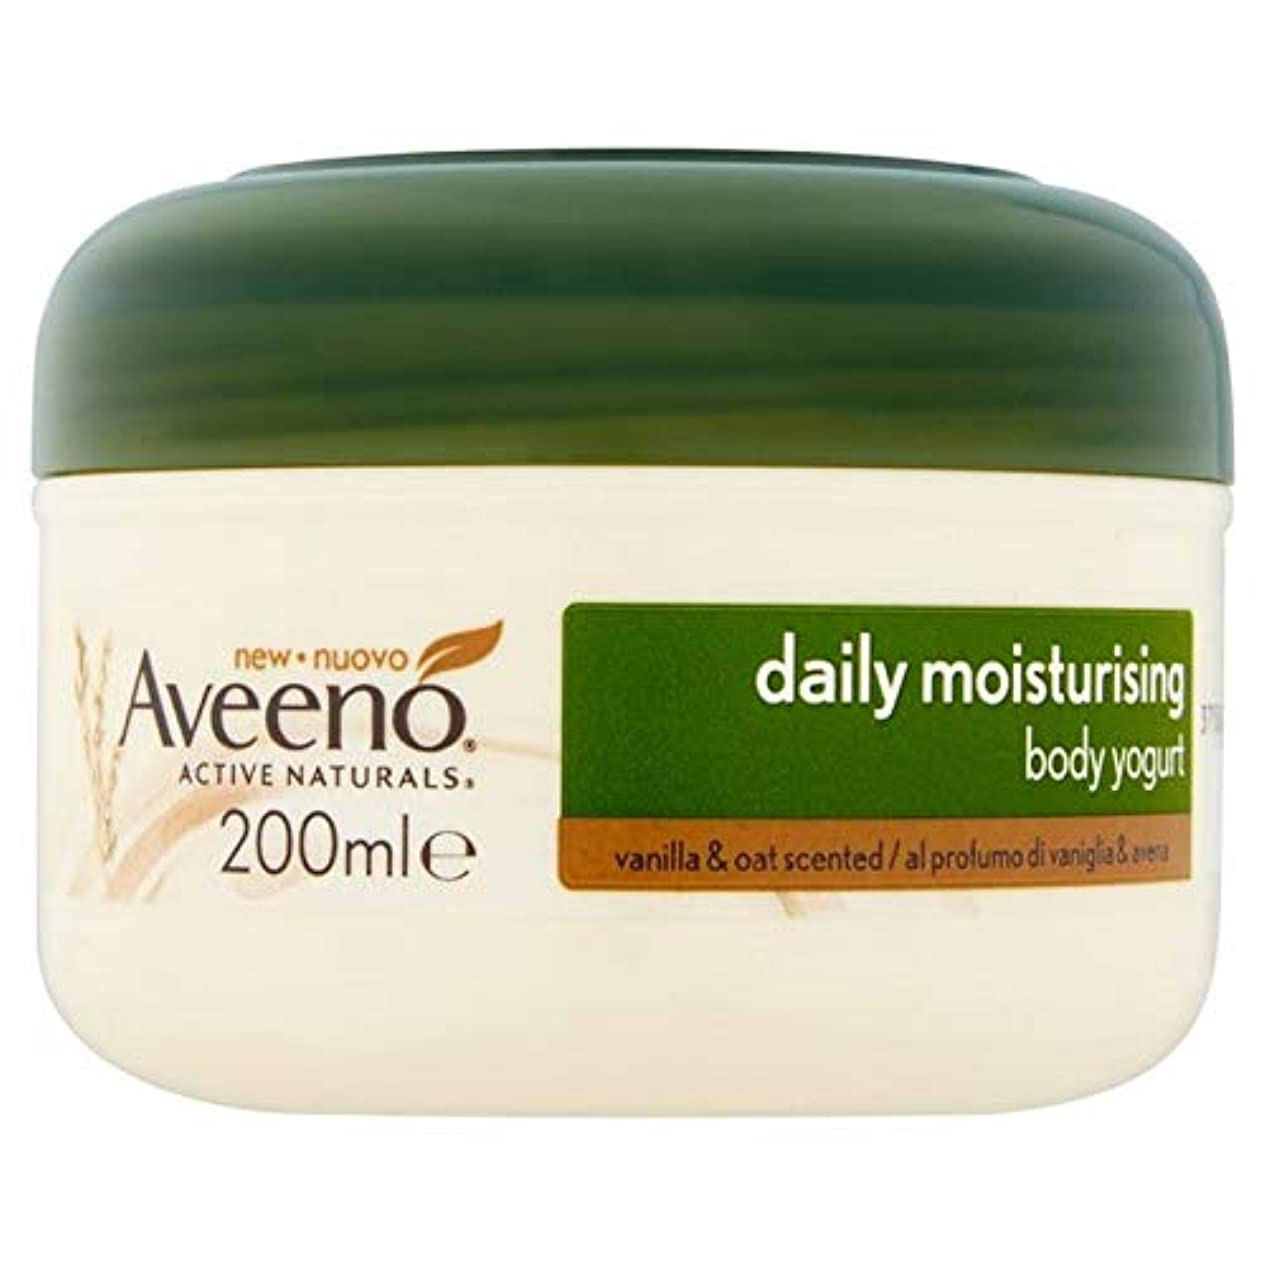 感謝する忘れられないアウトドア[Aveeno] Aveeno毎日保湿ボディヨーグルトバニラ&オーツの200ミリリットル - Aveeno Daily Moisturising Body Yogurts Vanilla & Oats 200ml [並行輸入品]